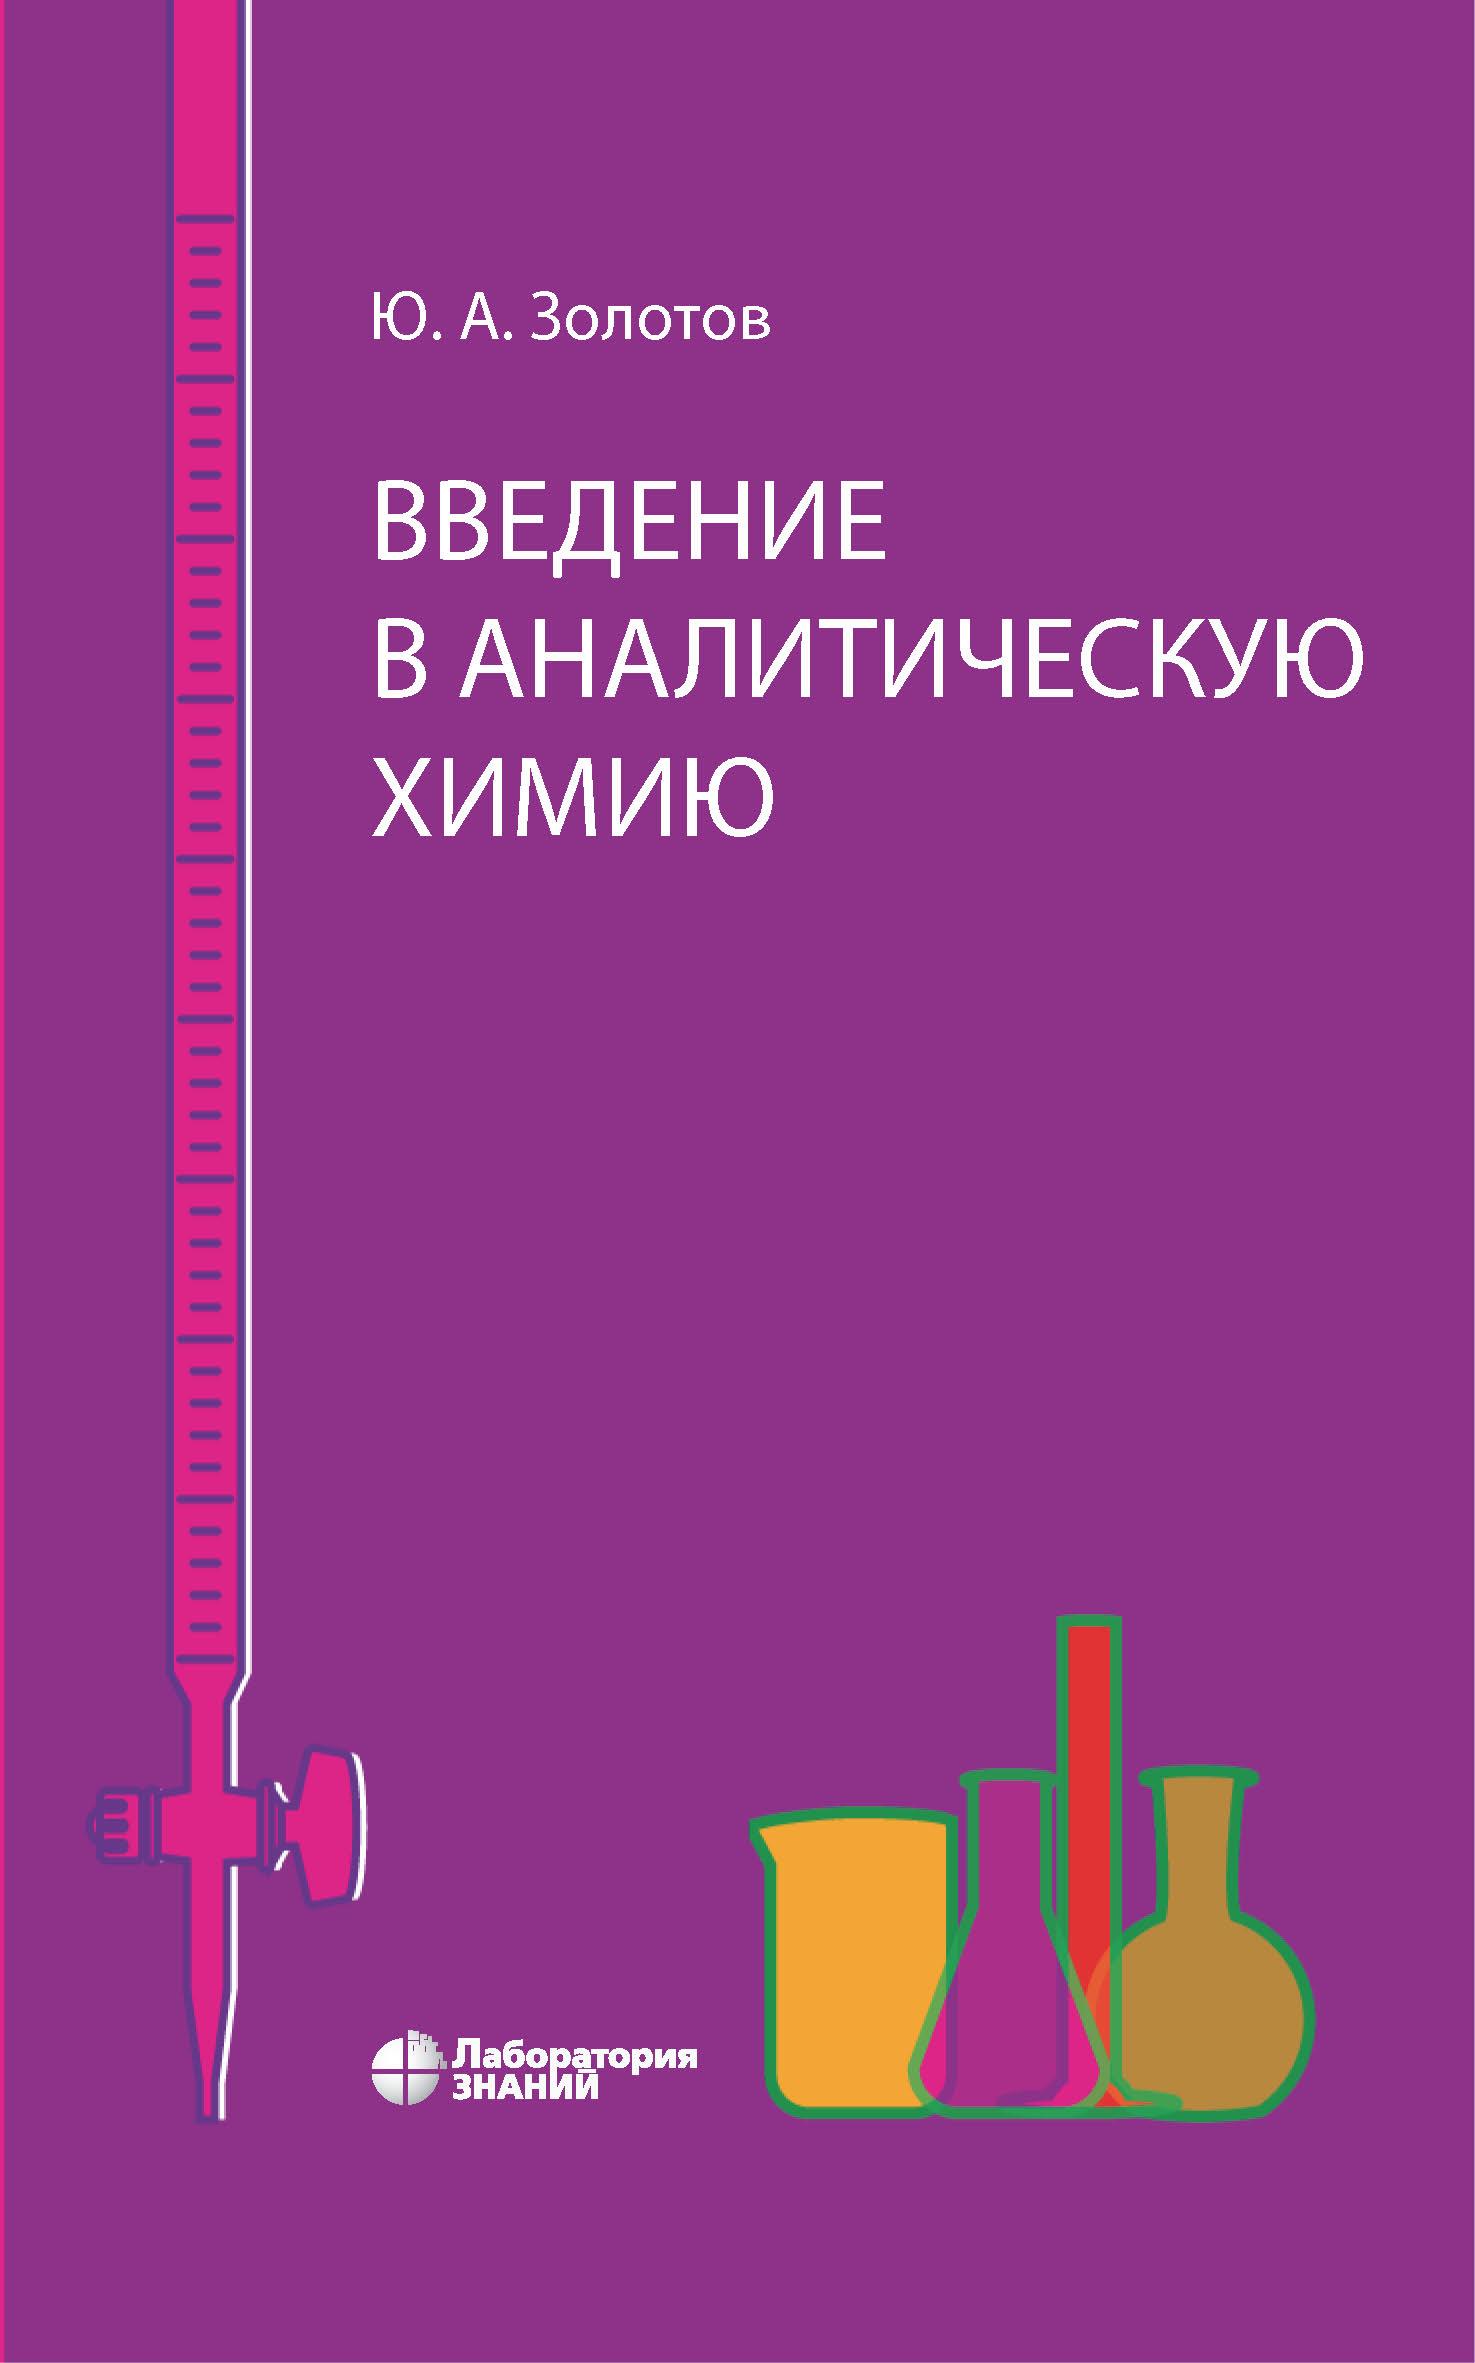 Ю. А. Золотов Введение в аналитическую химию цена 2017